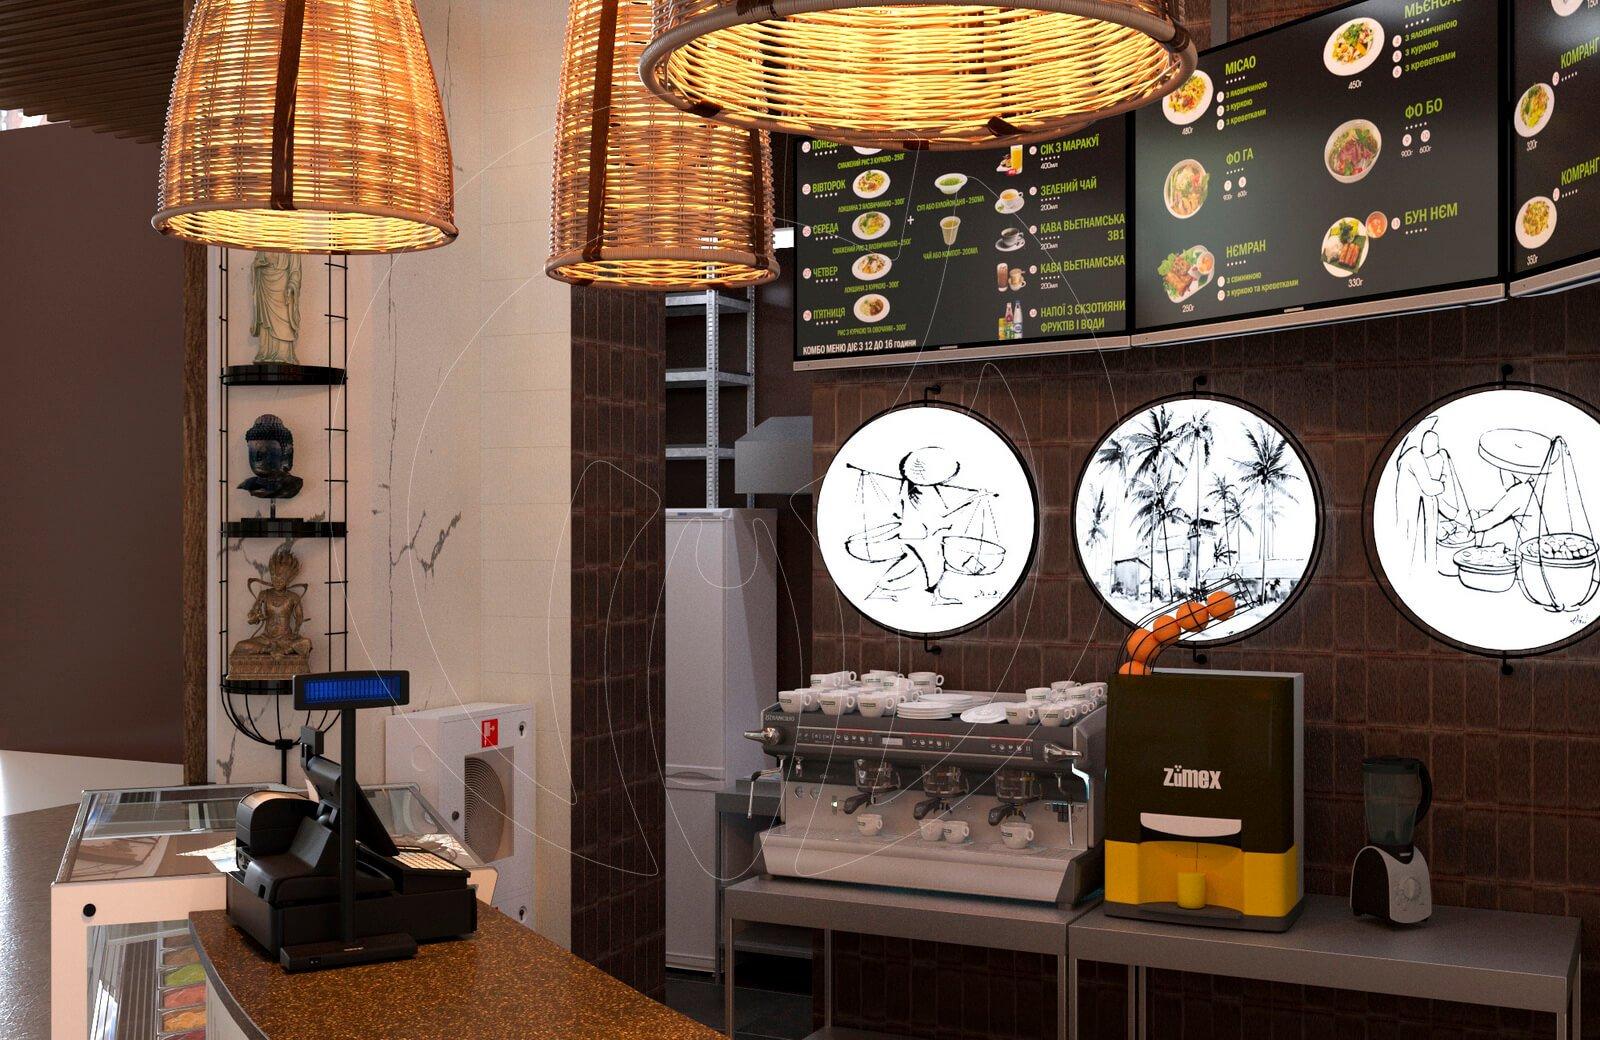 Ресторан fast food NEM. Декоративные светильники в зоне выдачи